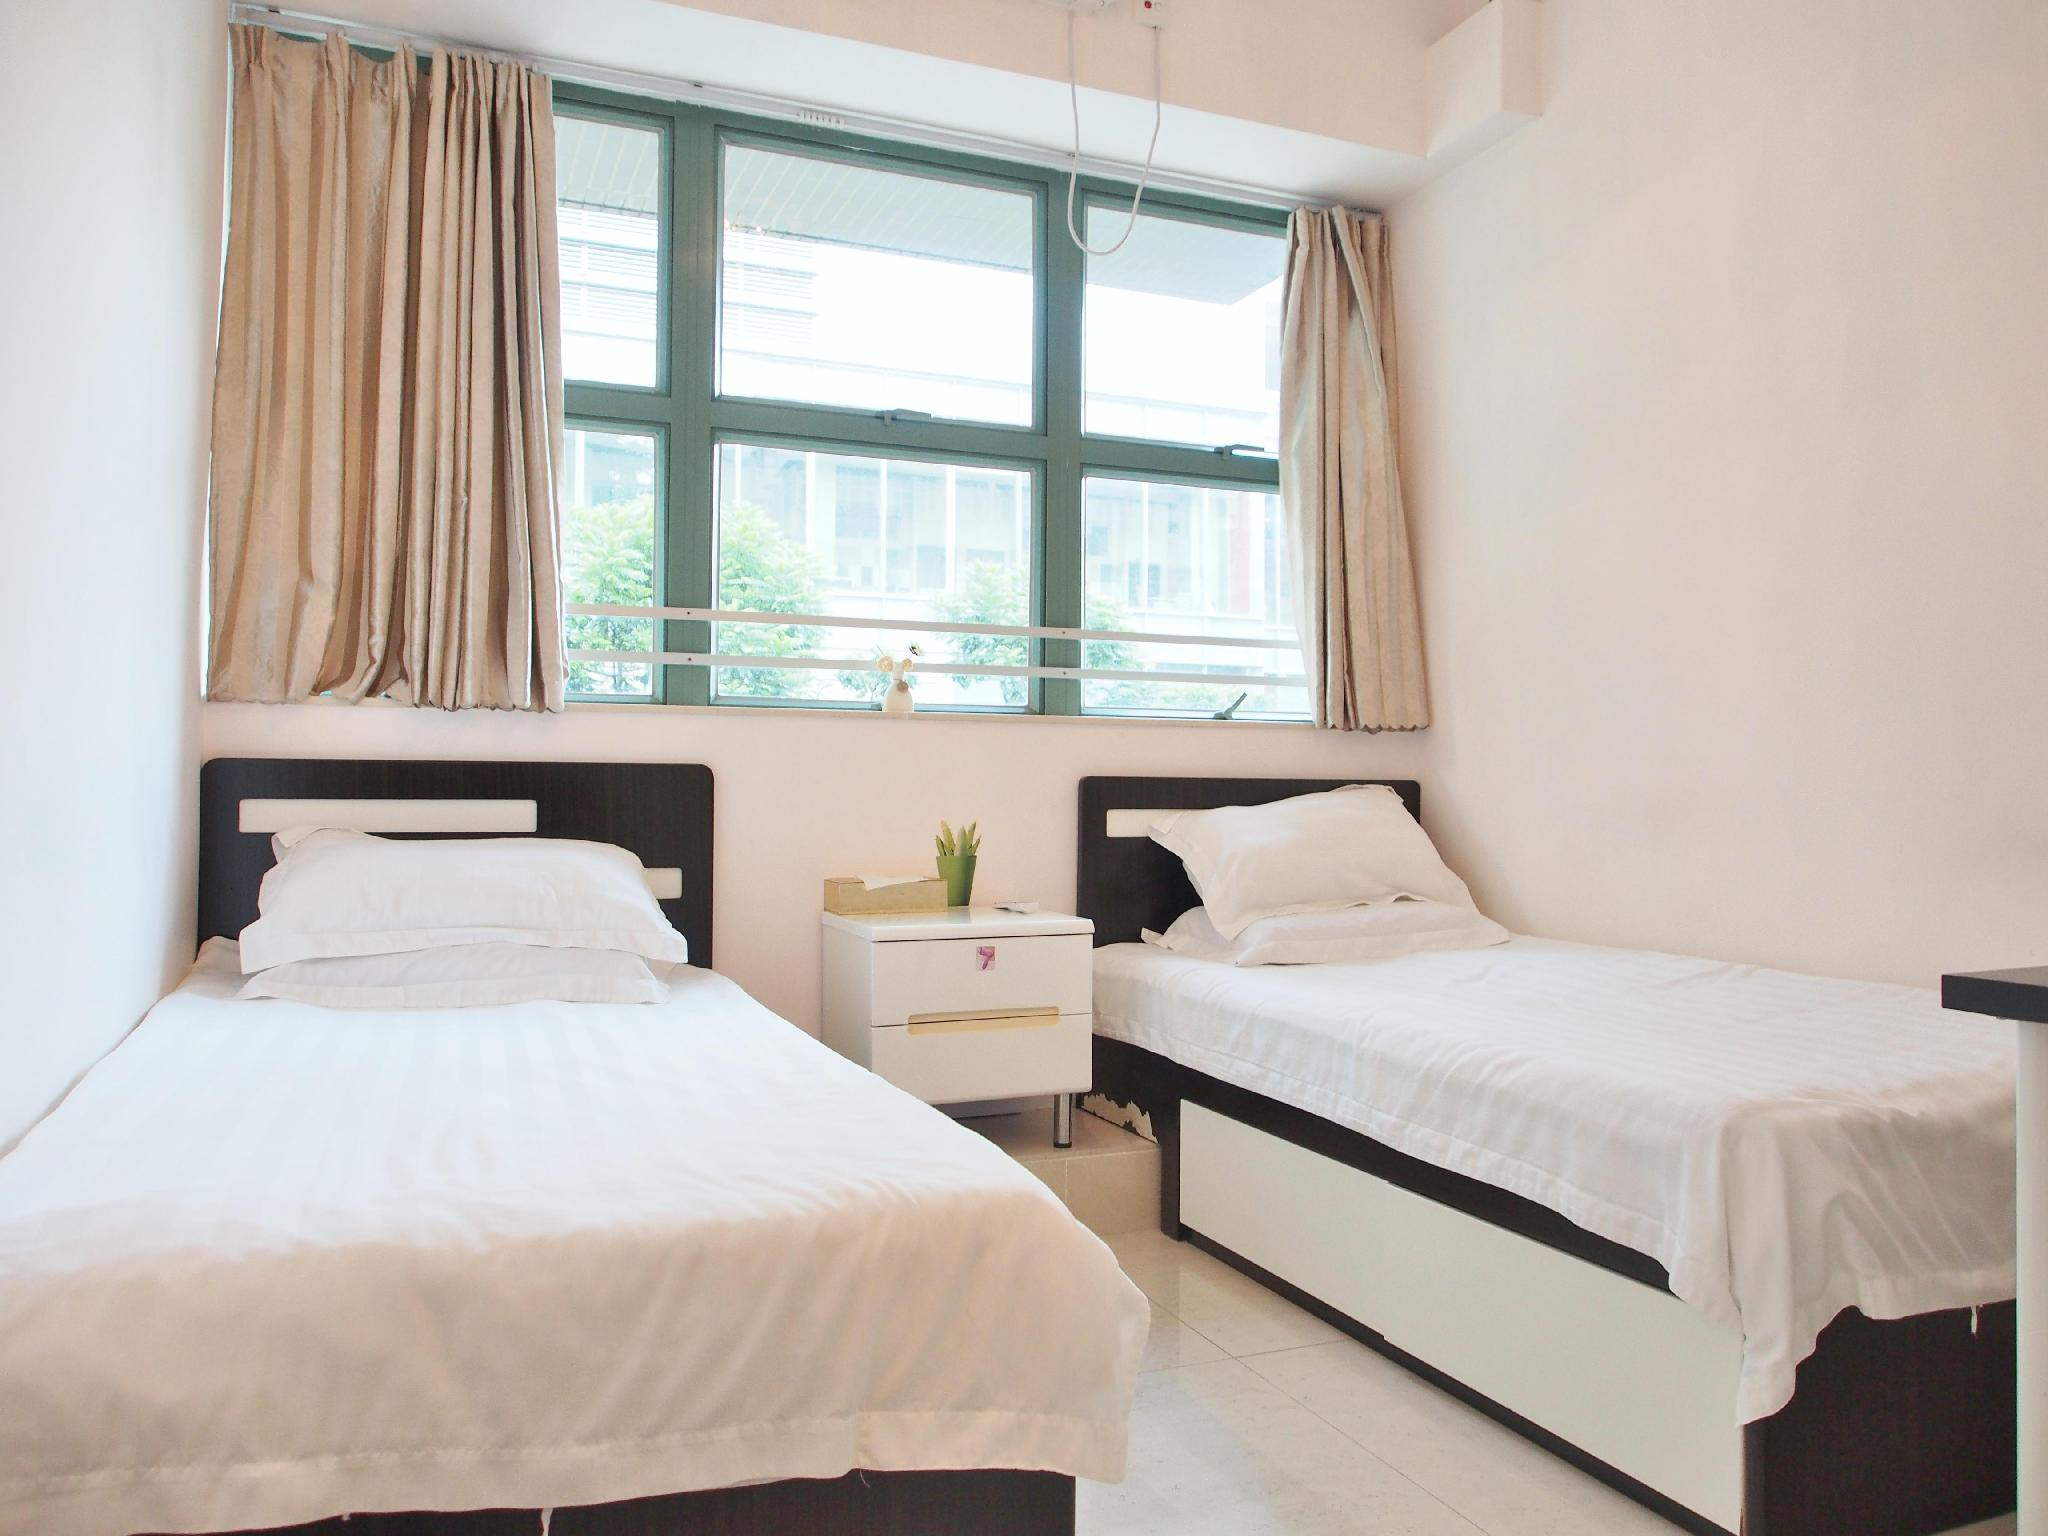 The Comfort Living Inn, Sham Shui Po